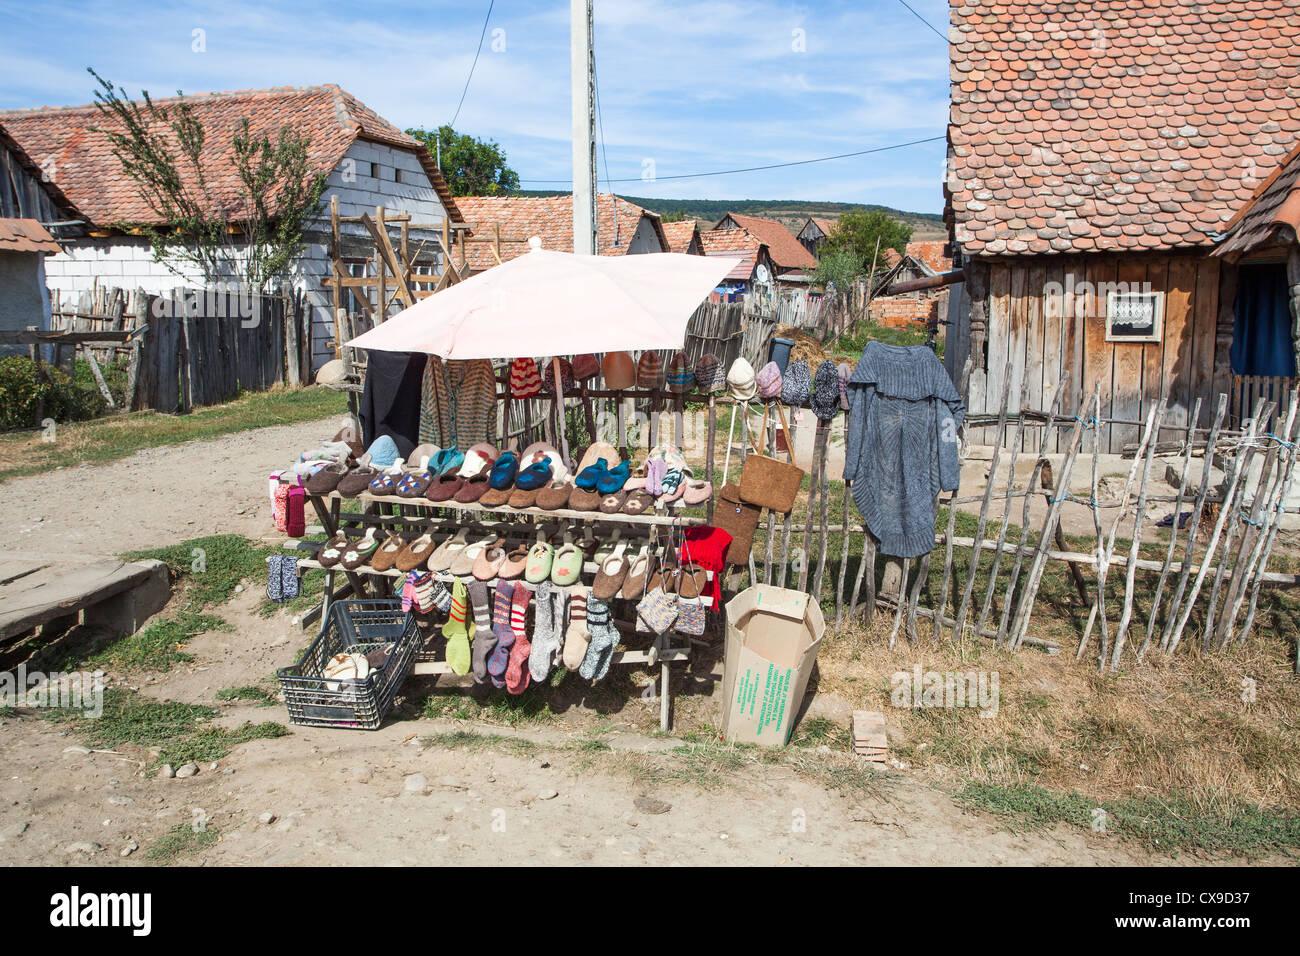 deutsch wei kirch dorf zentral rum nien am stra enrand souvenir stall traditionellen lokalen. Black Bedroom Furniture Sets. Home Design Ideas